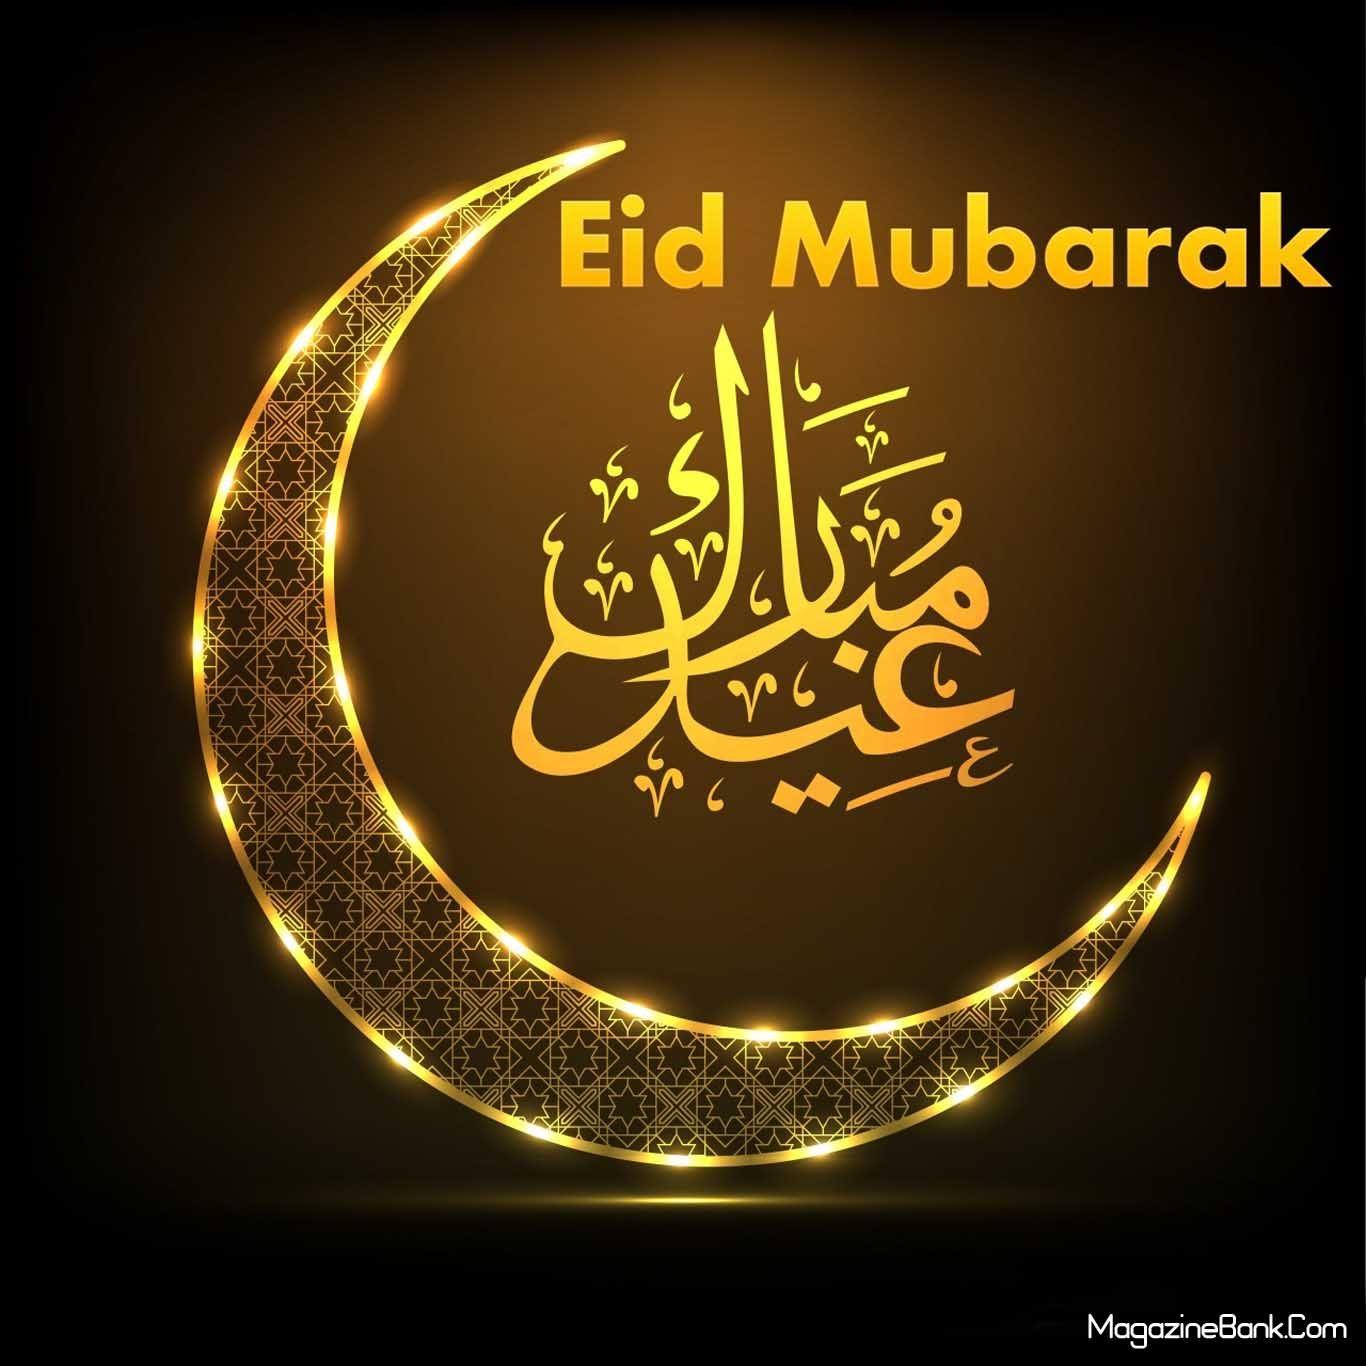 Hd wallpaper eid mubarak - Eid 2017 Hd Wallpapers